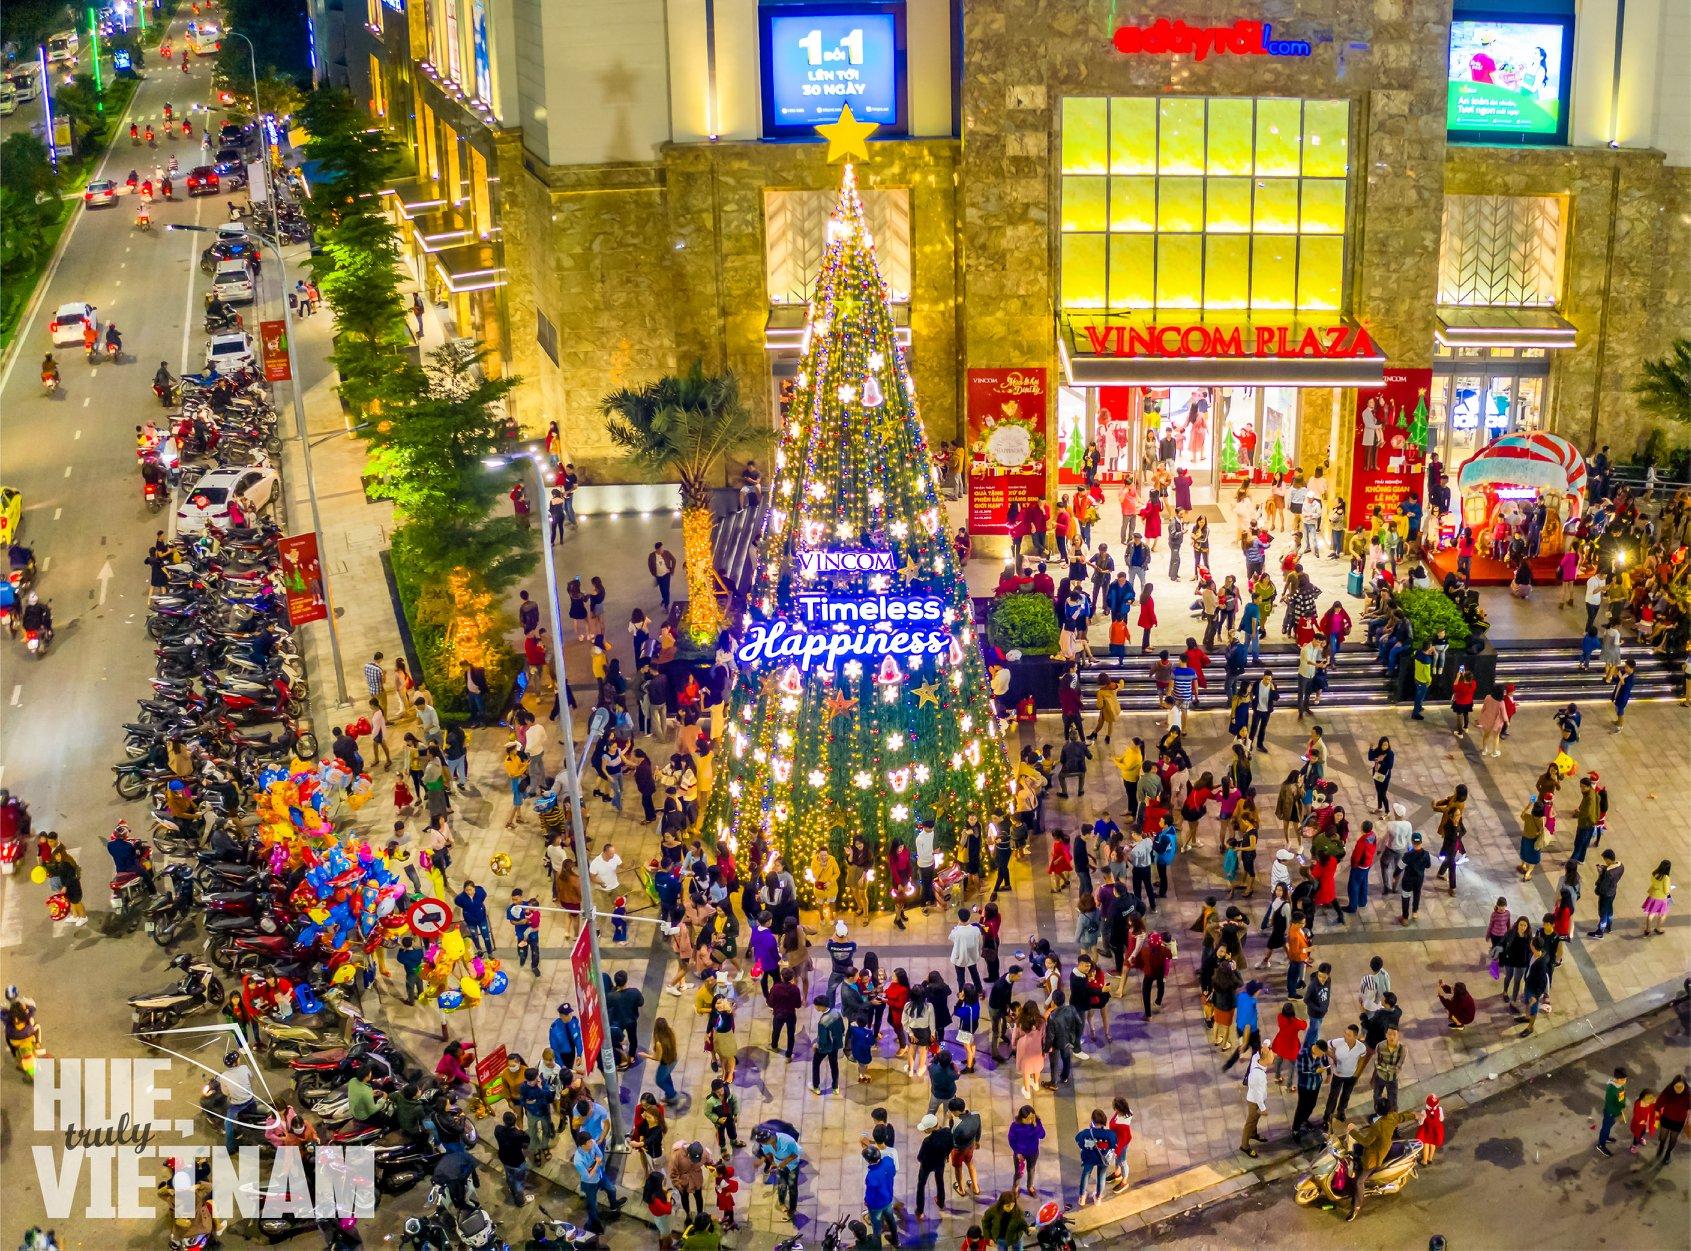 Rất đông người tập trung ở Vincom vào Giáng Sinh. Hình: Hue, truly Vietnam